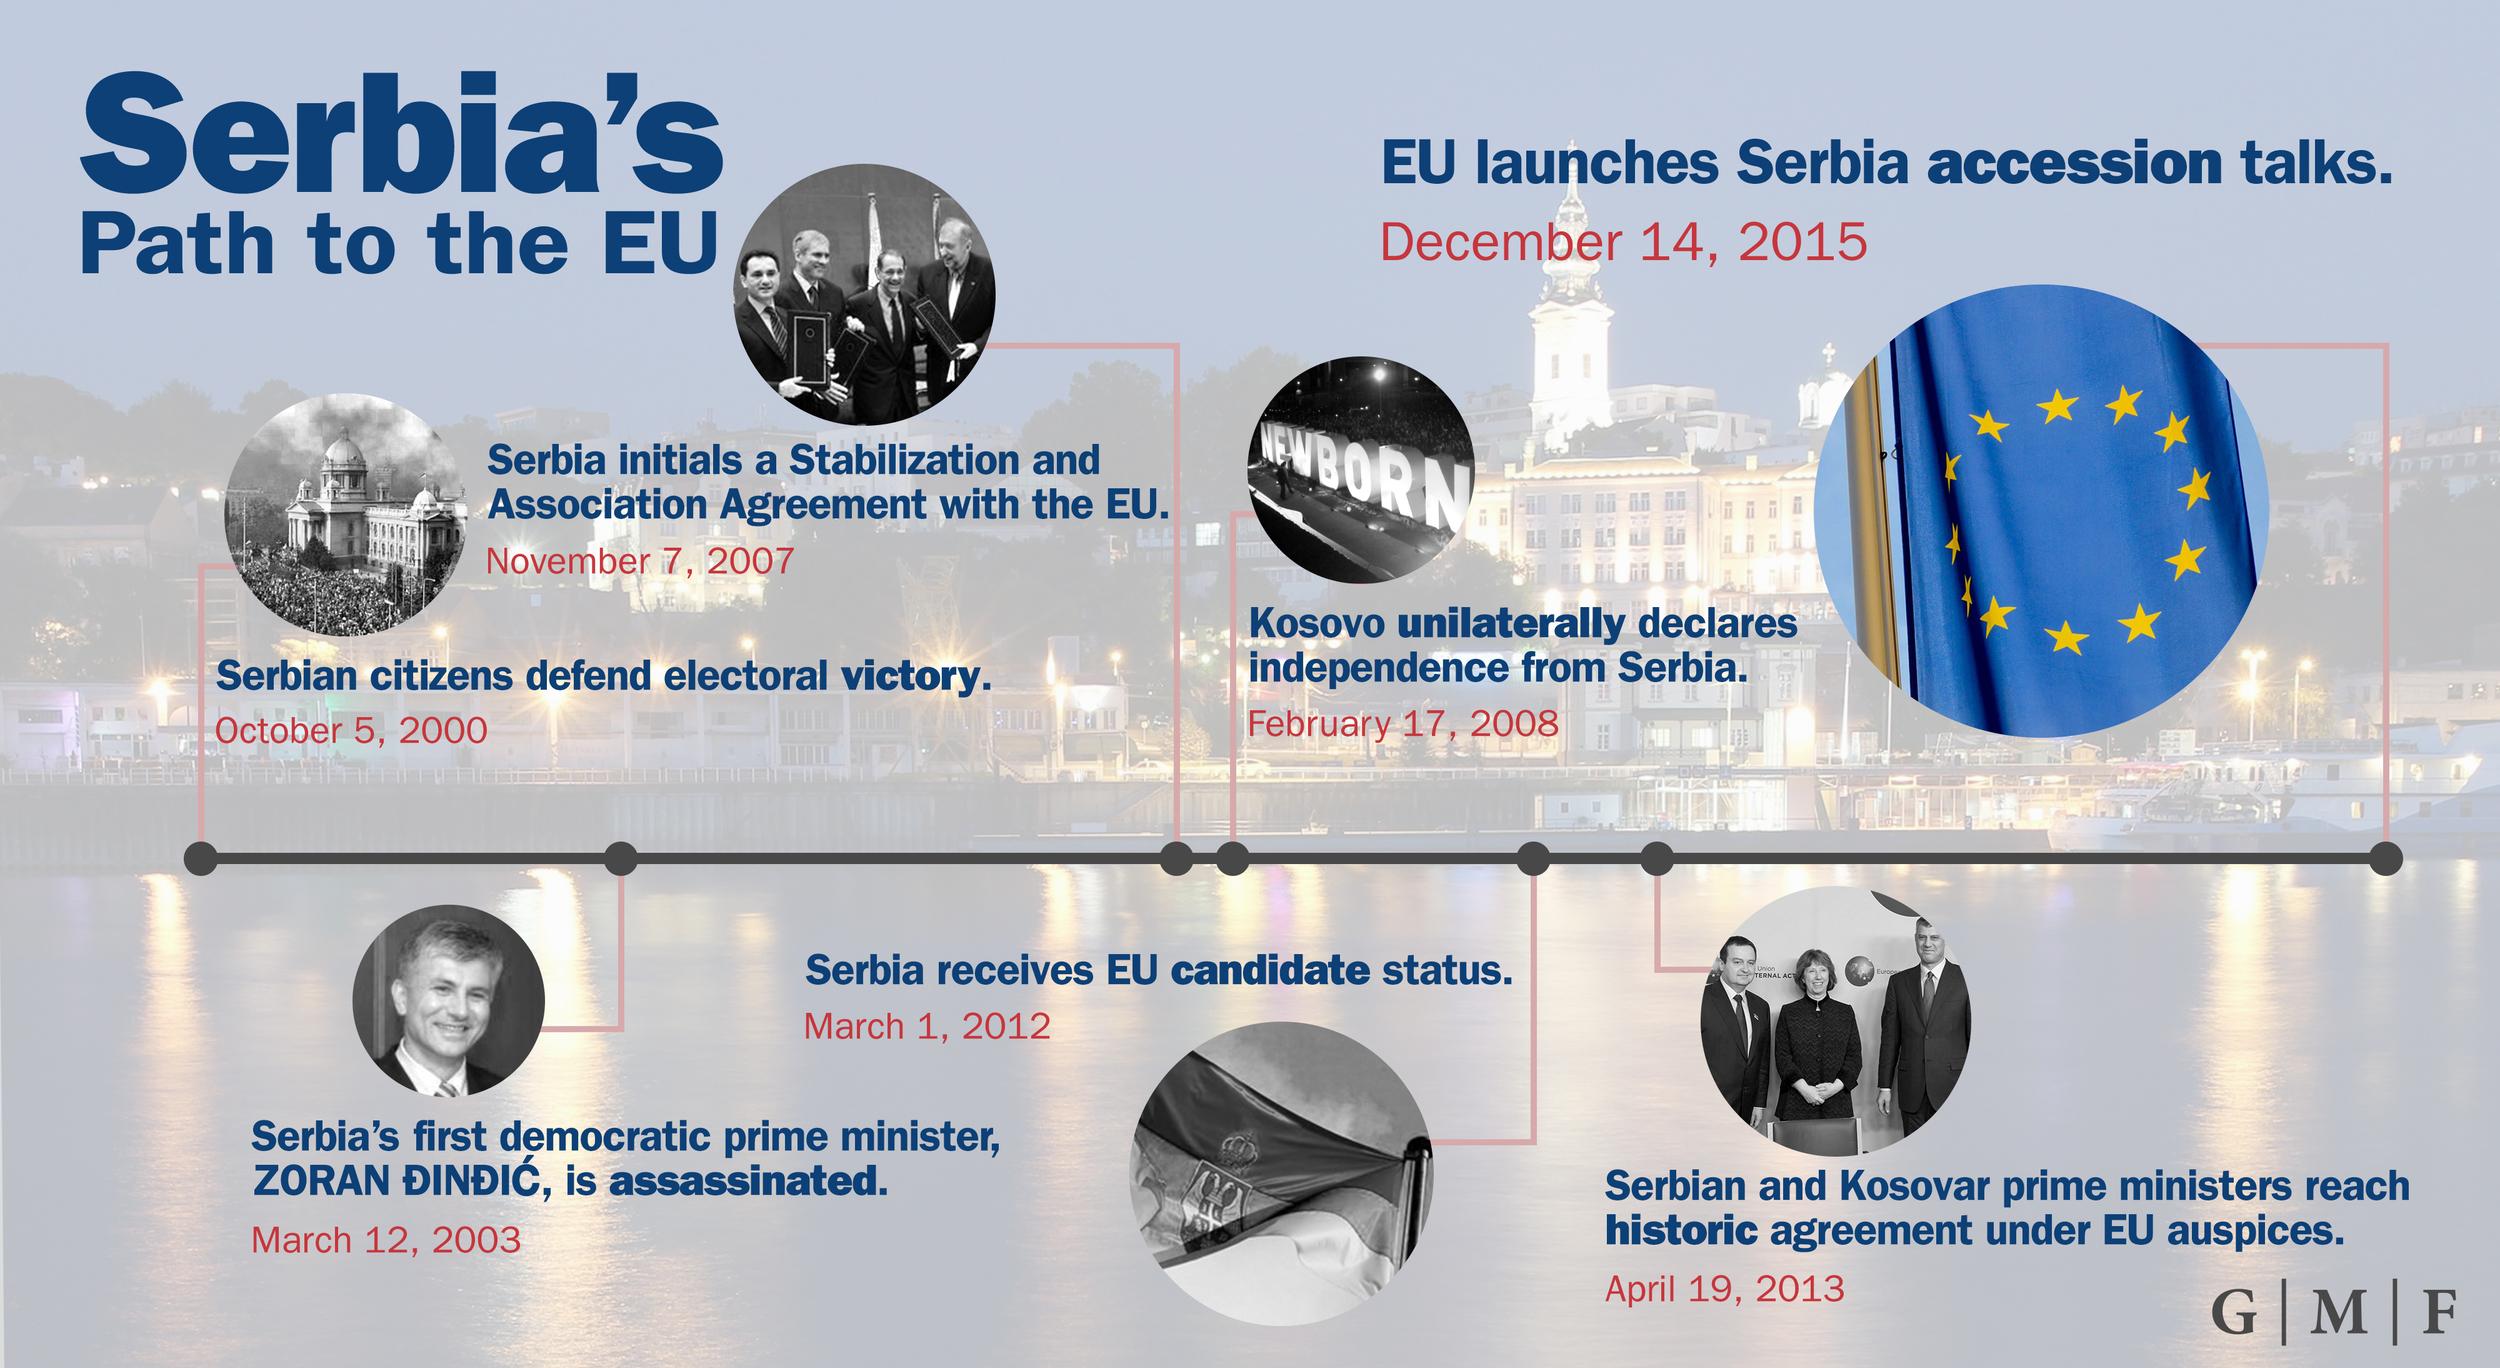 serbia timeline.jpg